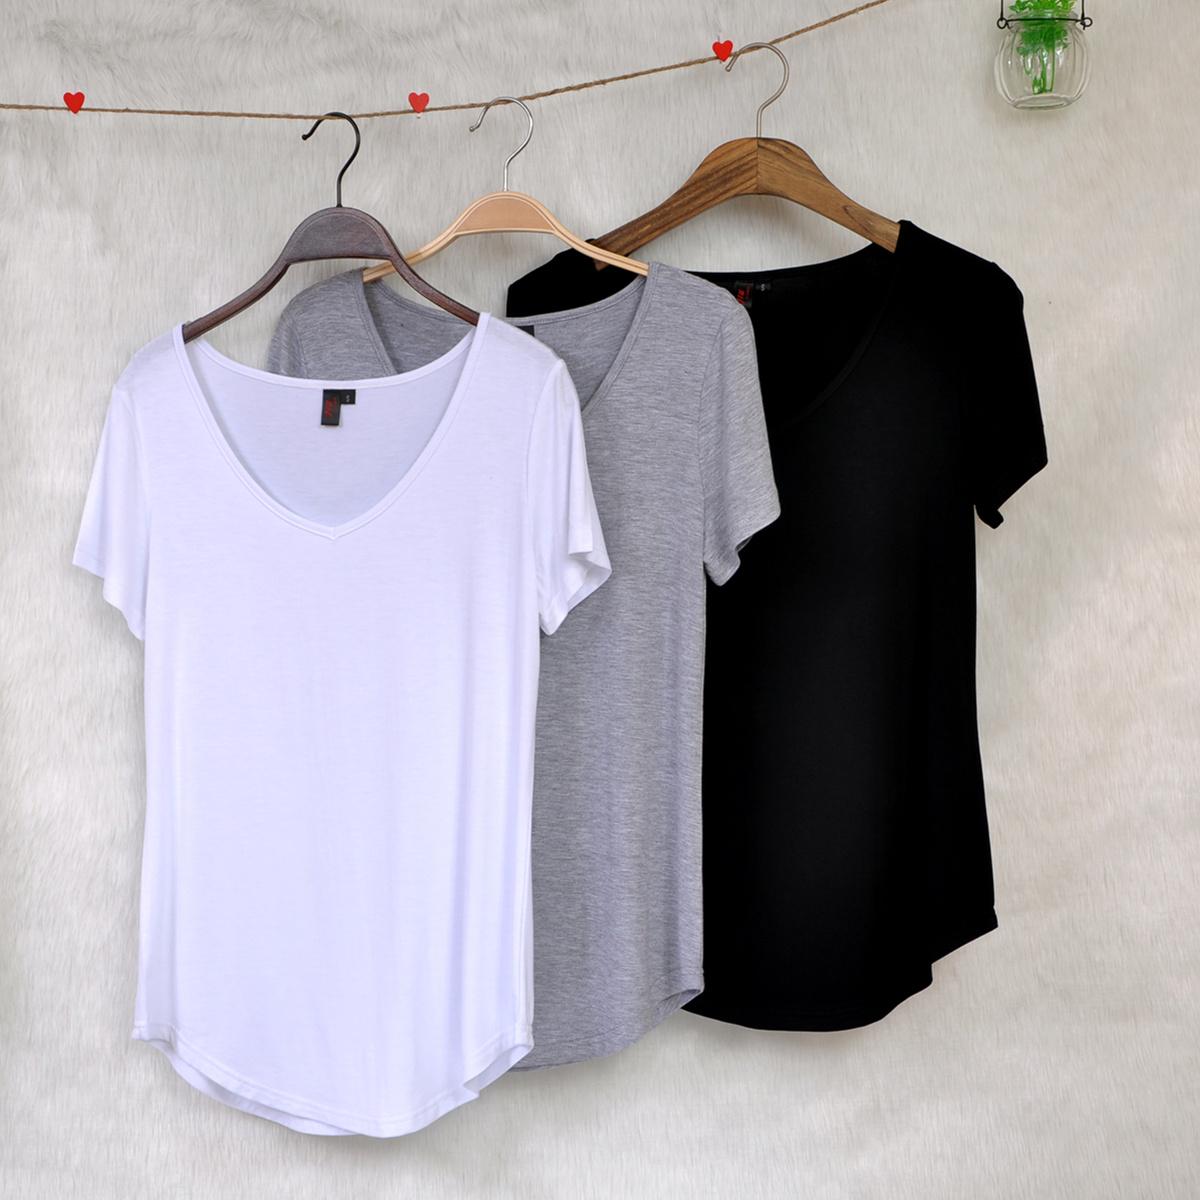 欧美风原单外贸大码女装夏季莫代尔棉短袖t恤宽松V领遮肚子打底衫